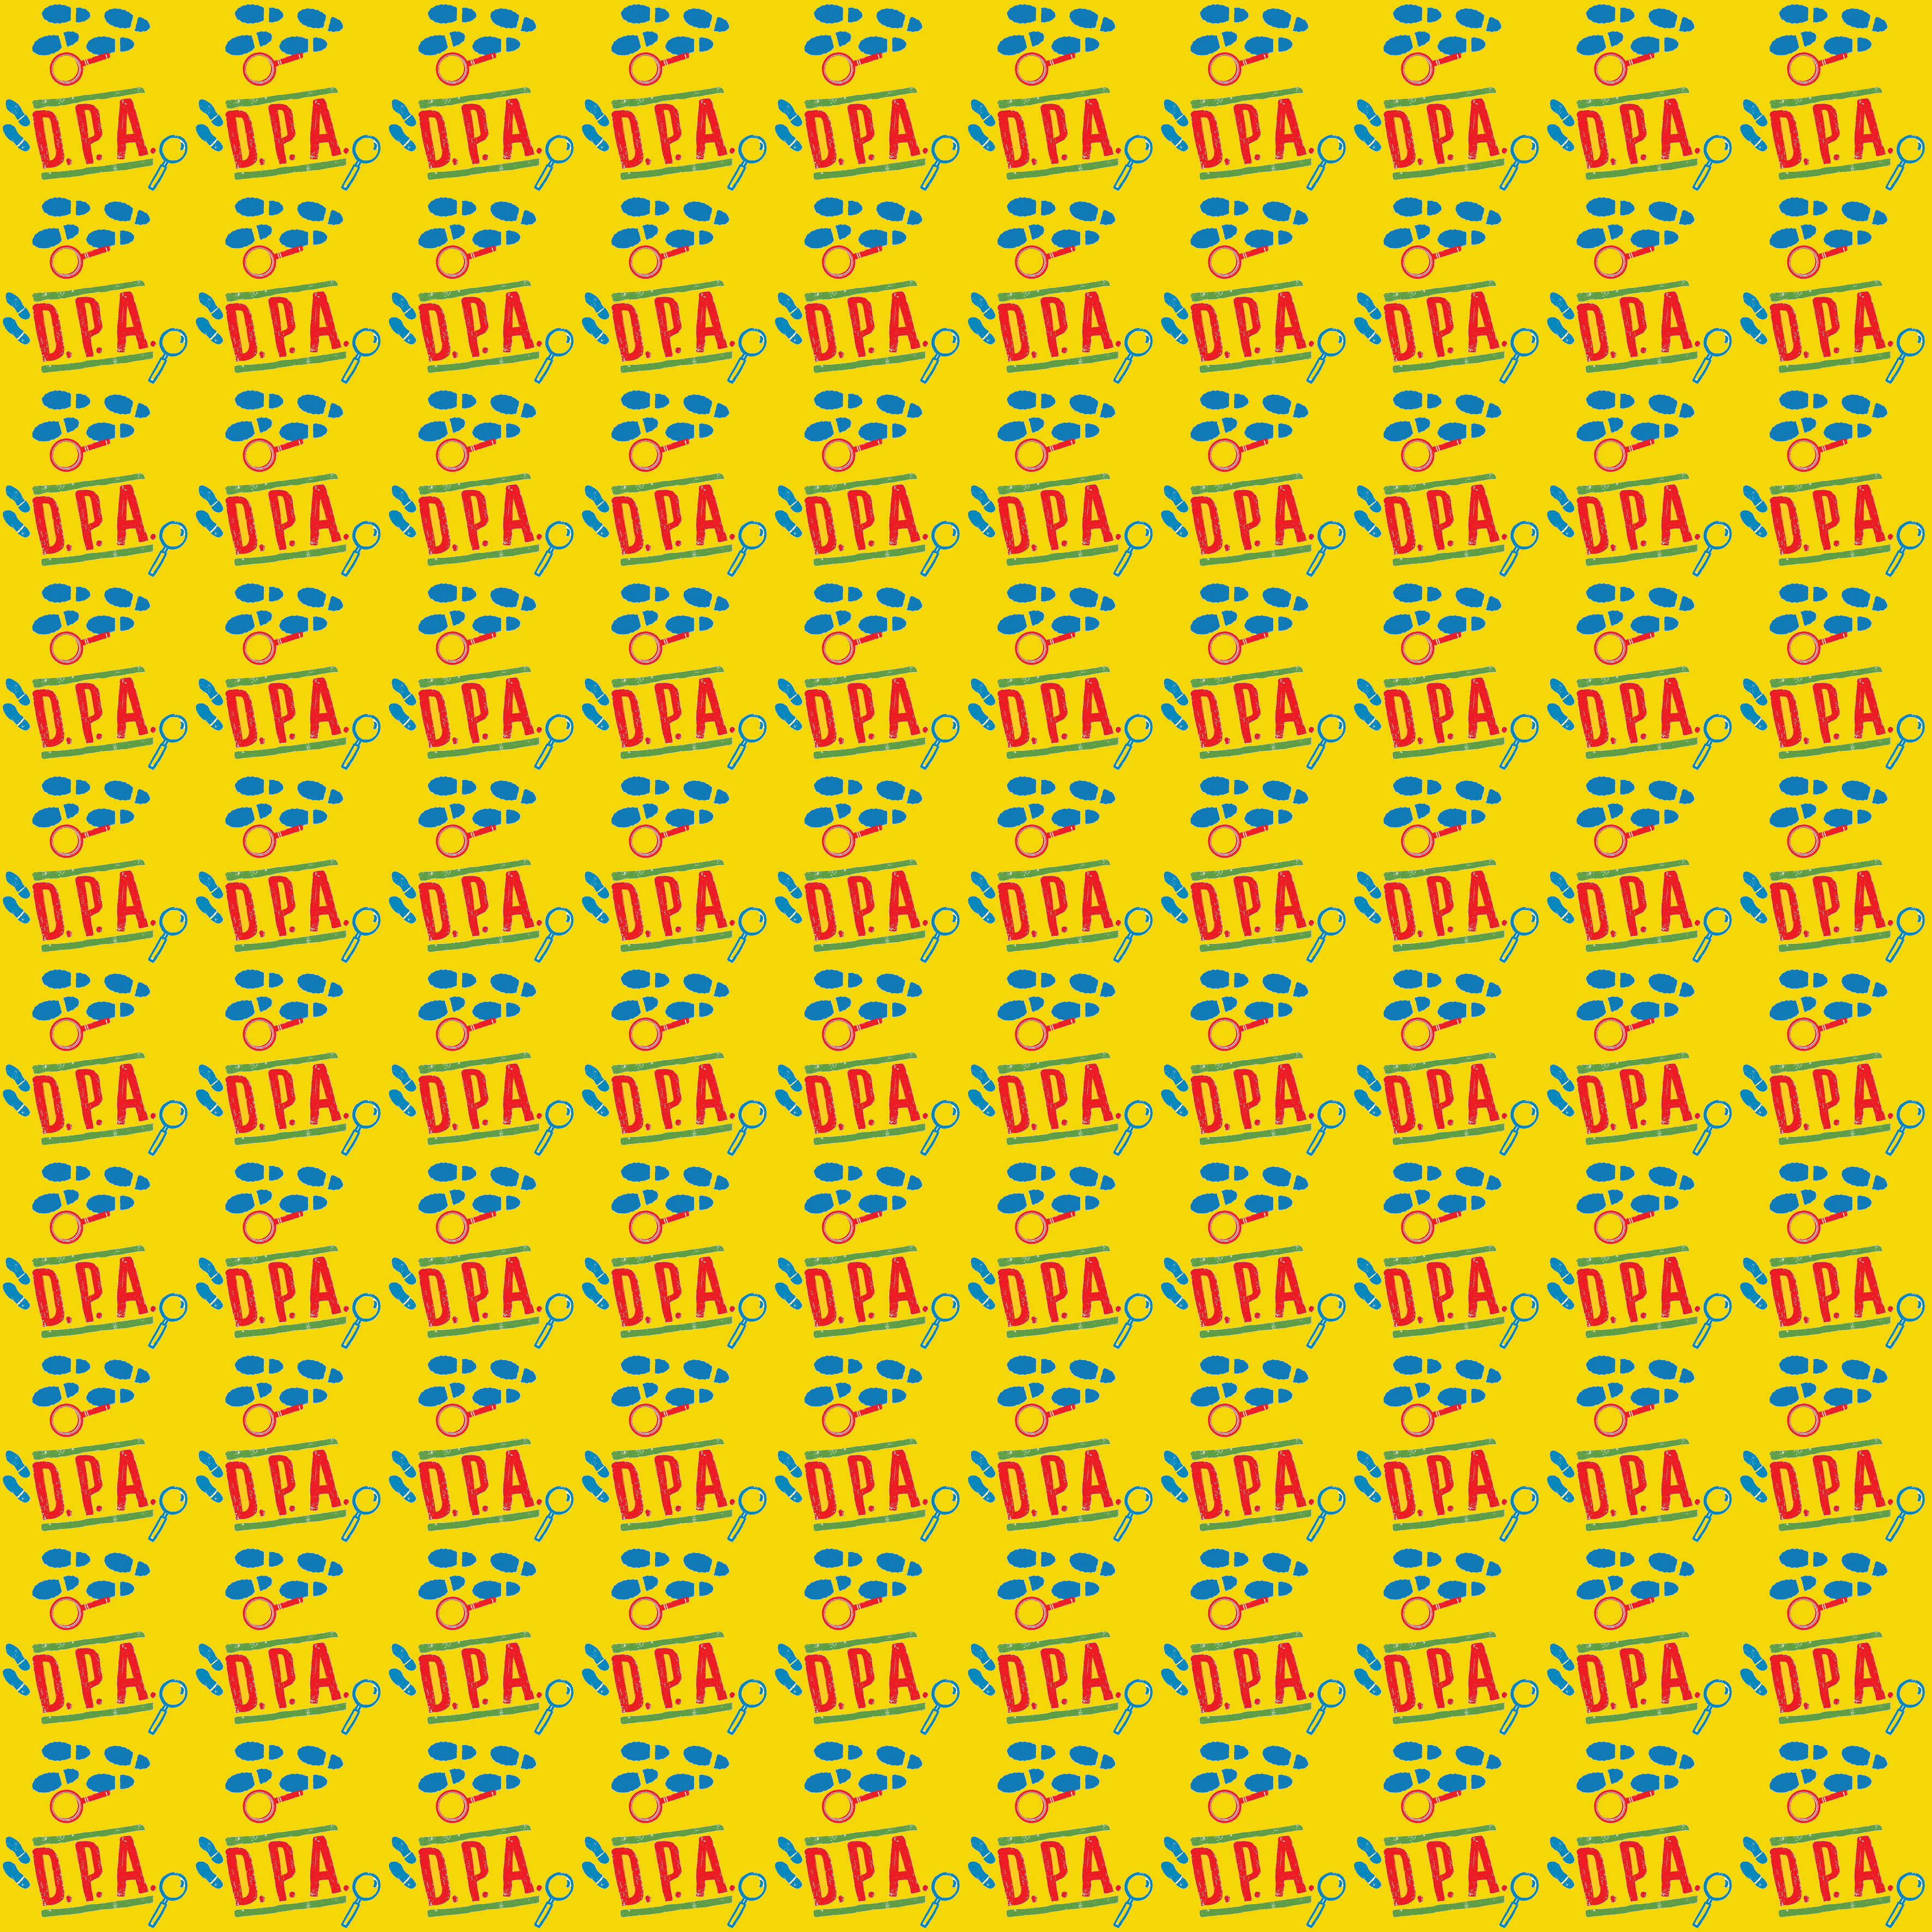 papel digital DPA 13